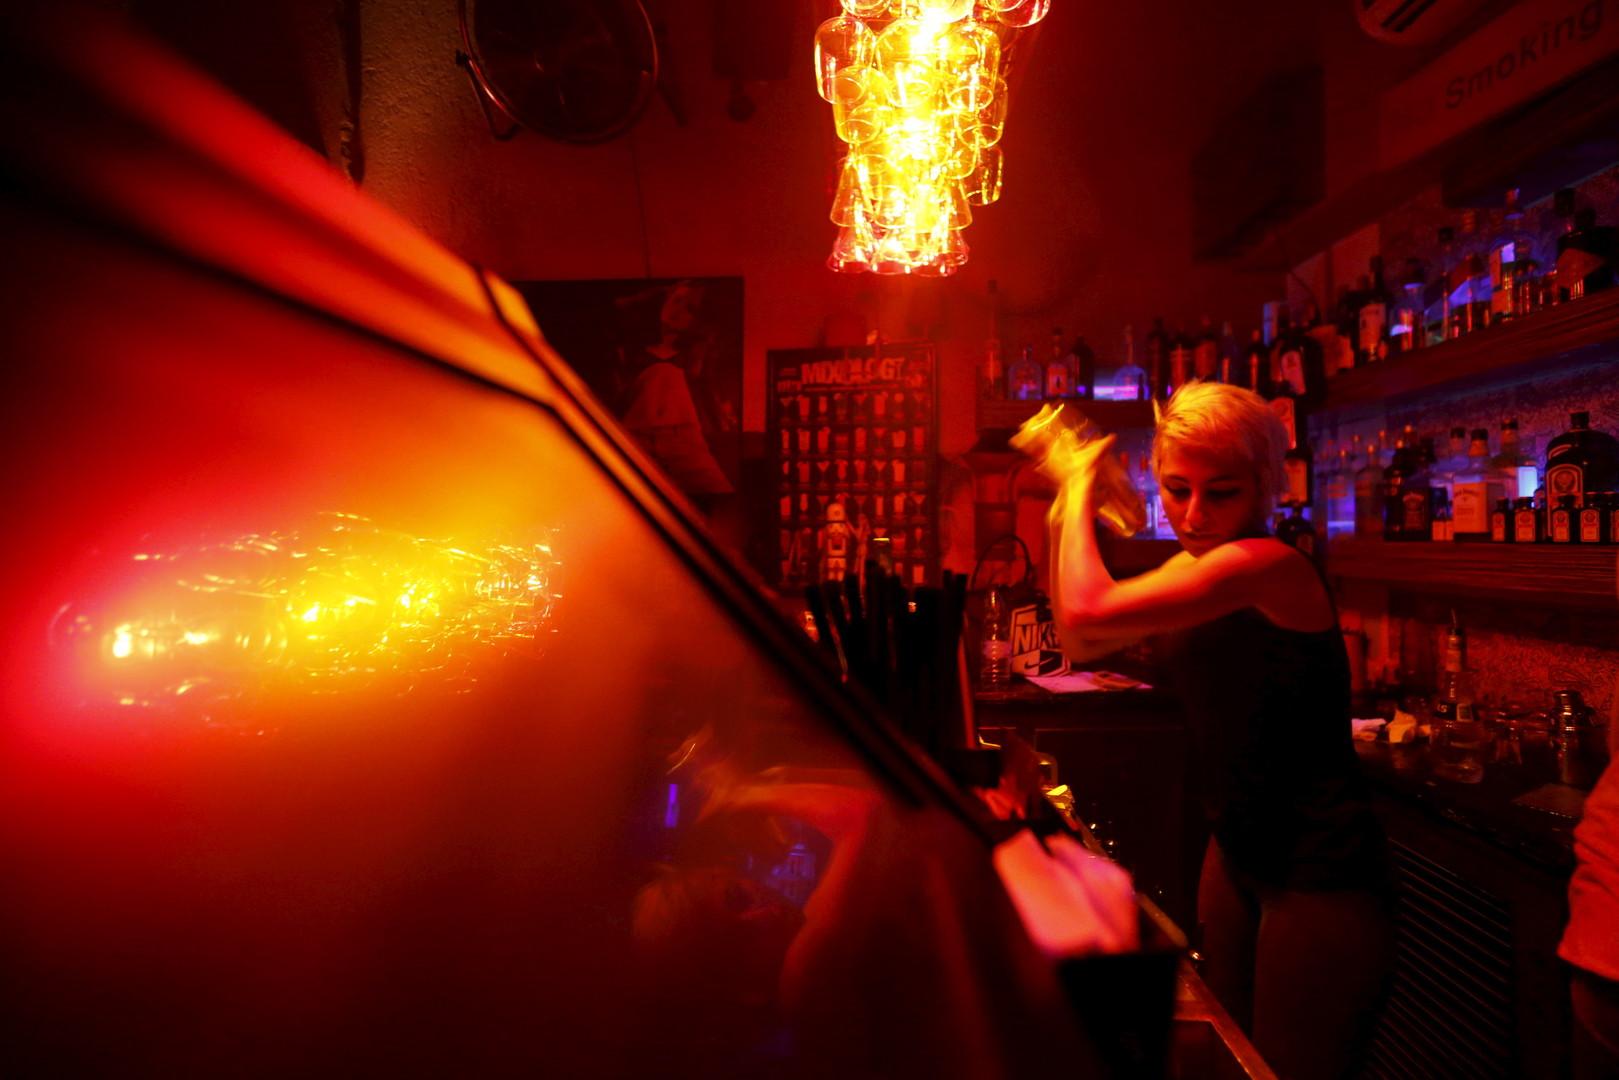 """Dana, Barkeeperin in der """"Red Bar"""", Damaskus, 11. März 2016"""